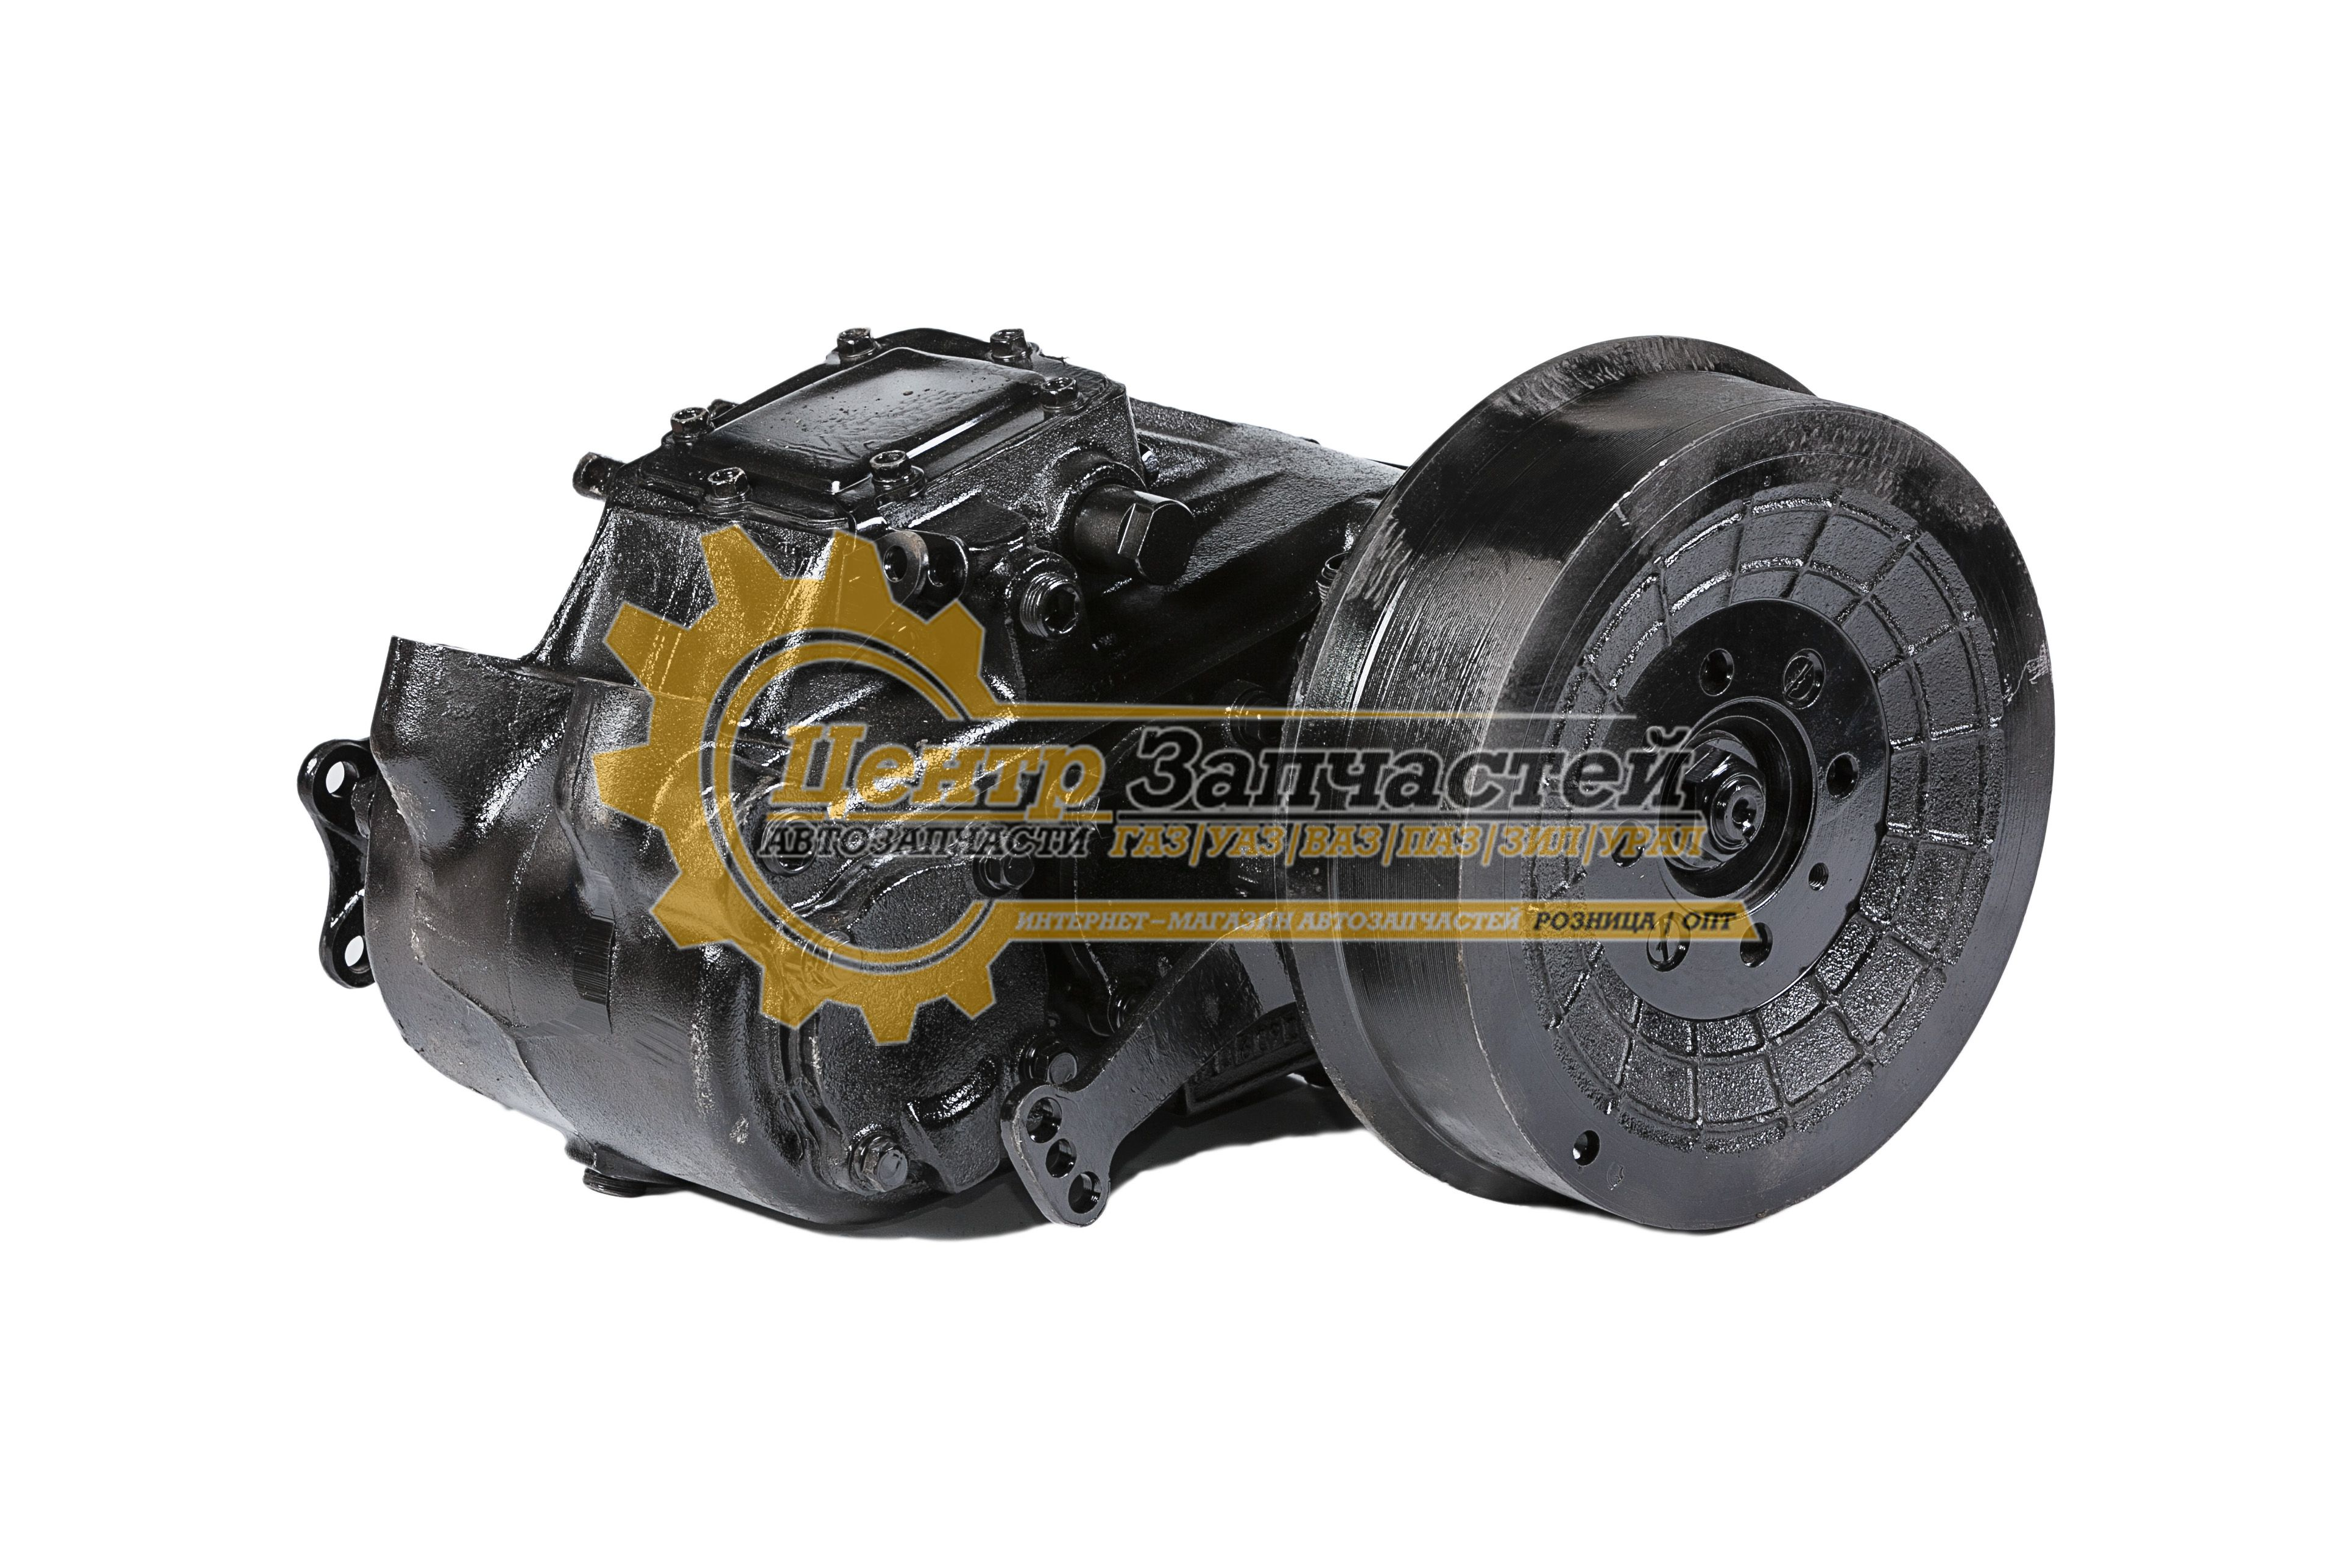 Коробка раздаточная 33083-1800006 ГАЗ-33081 Садко ДВ-245 ЕВРО-4 с тормозом .